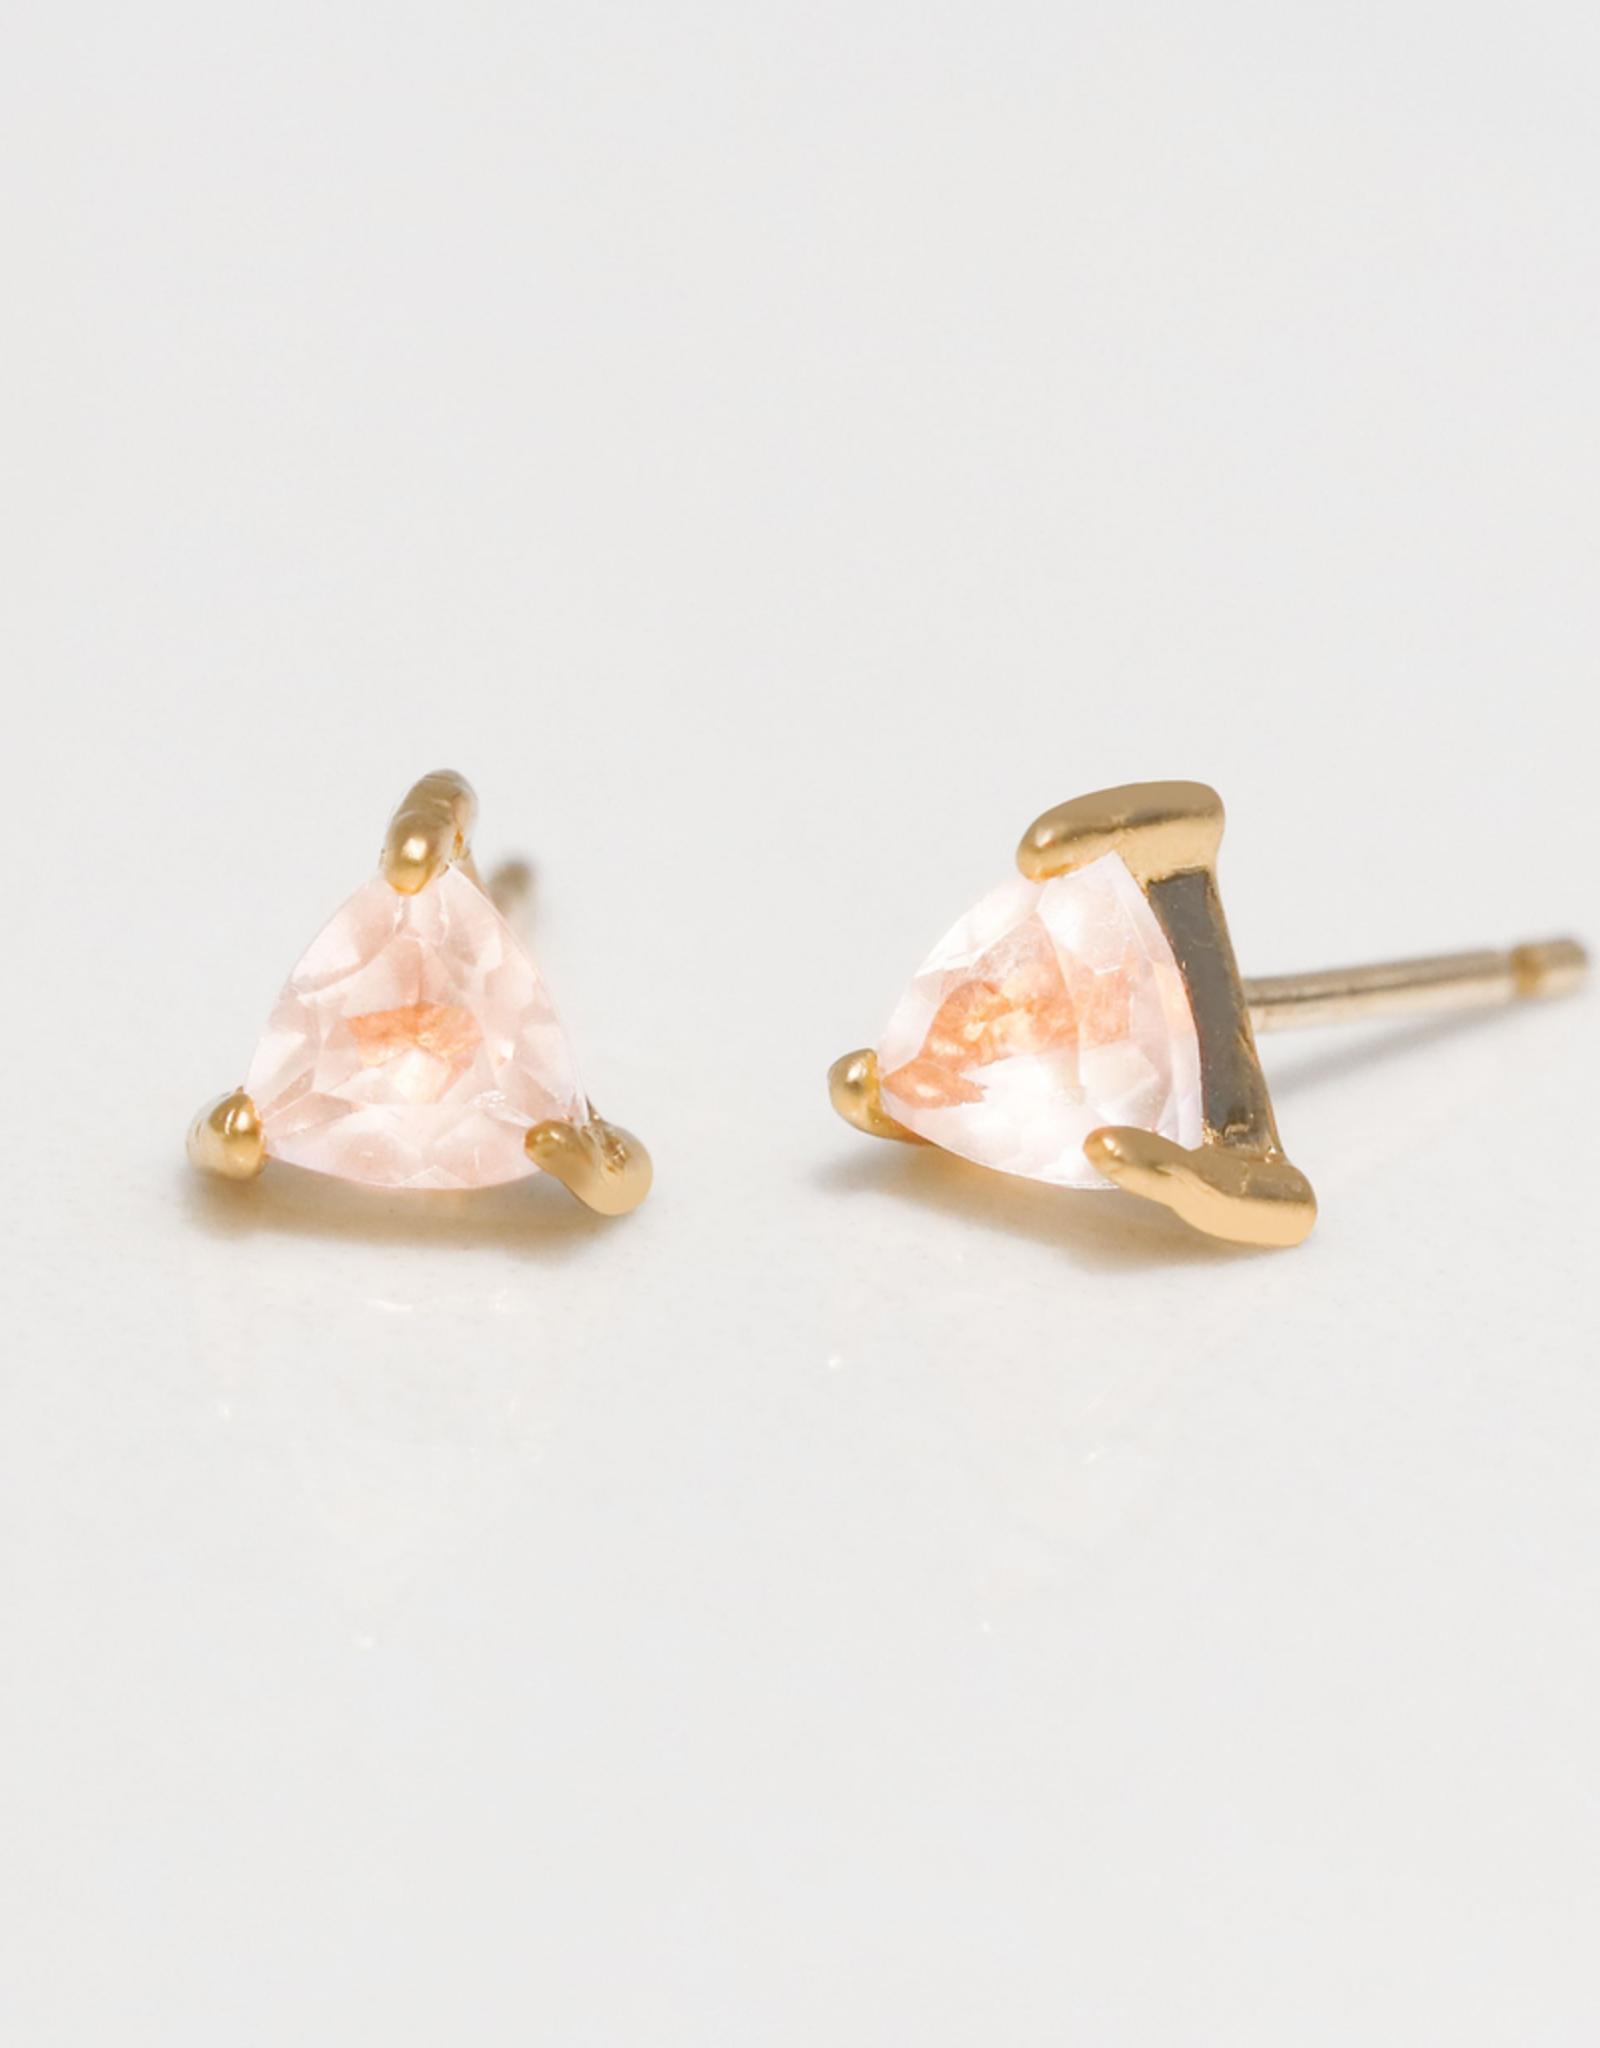 Rose Quartz Mini Energy Gem Earrings Sterling Silver Base with18k Gold Plating